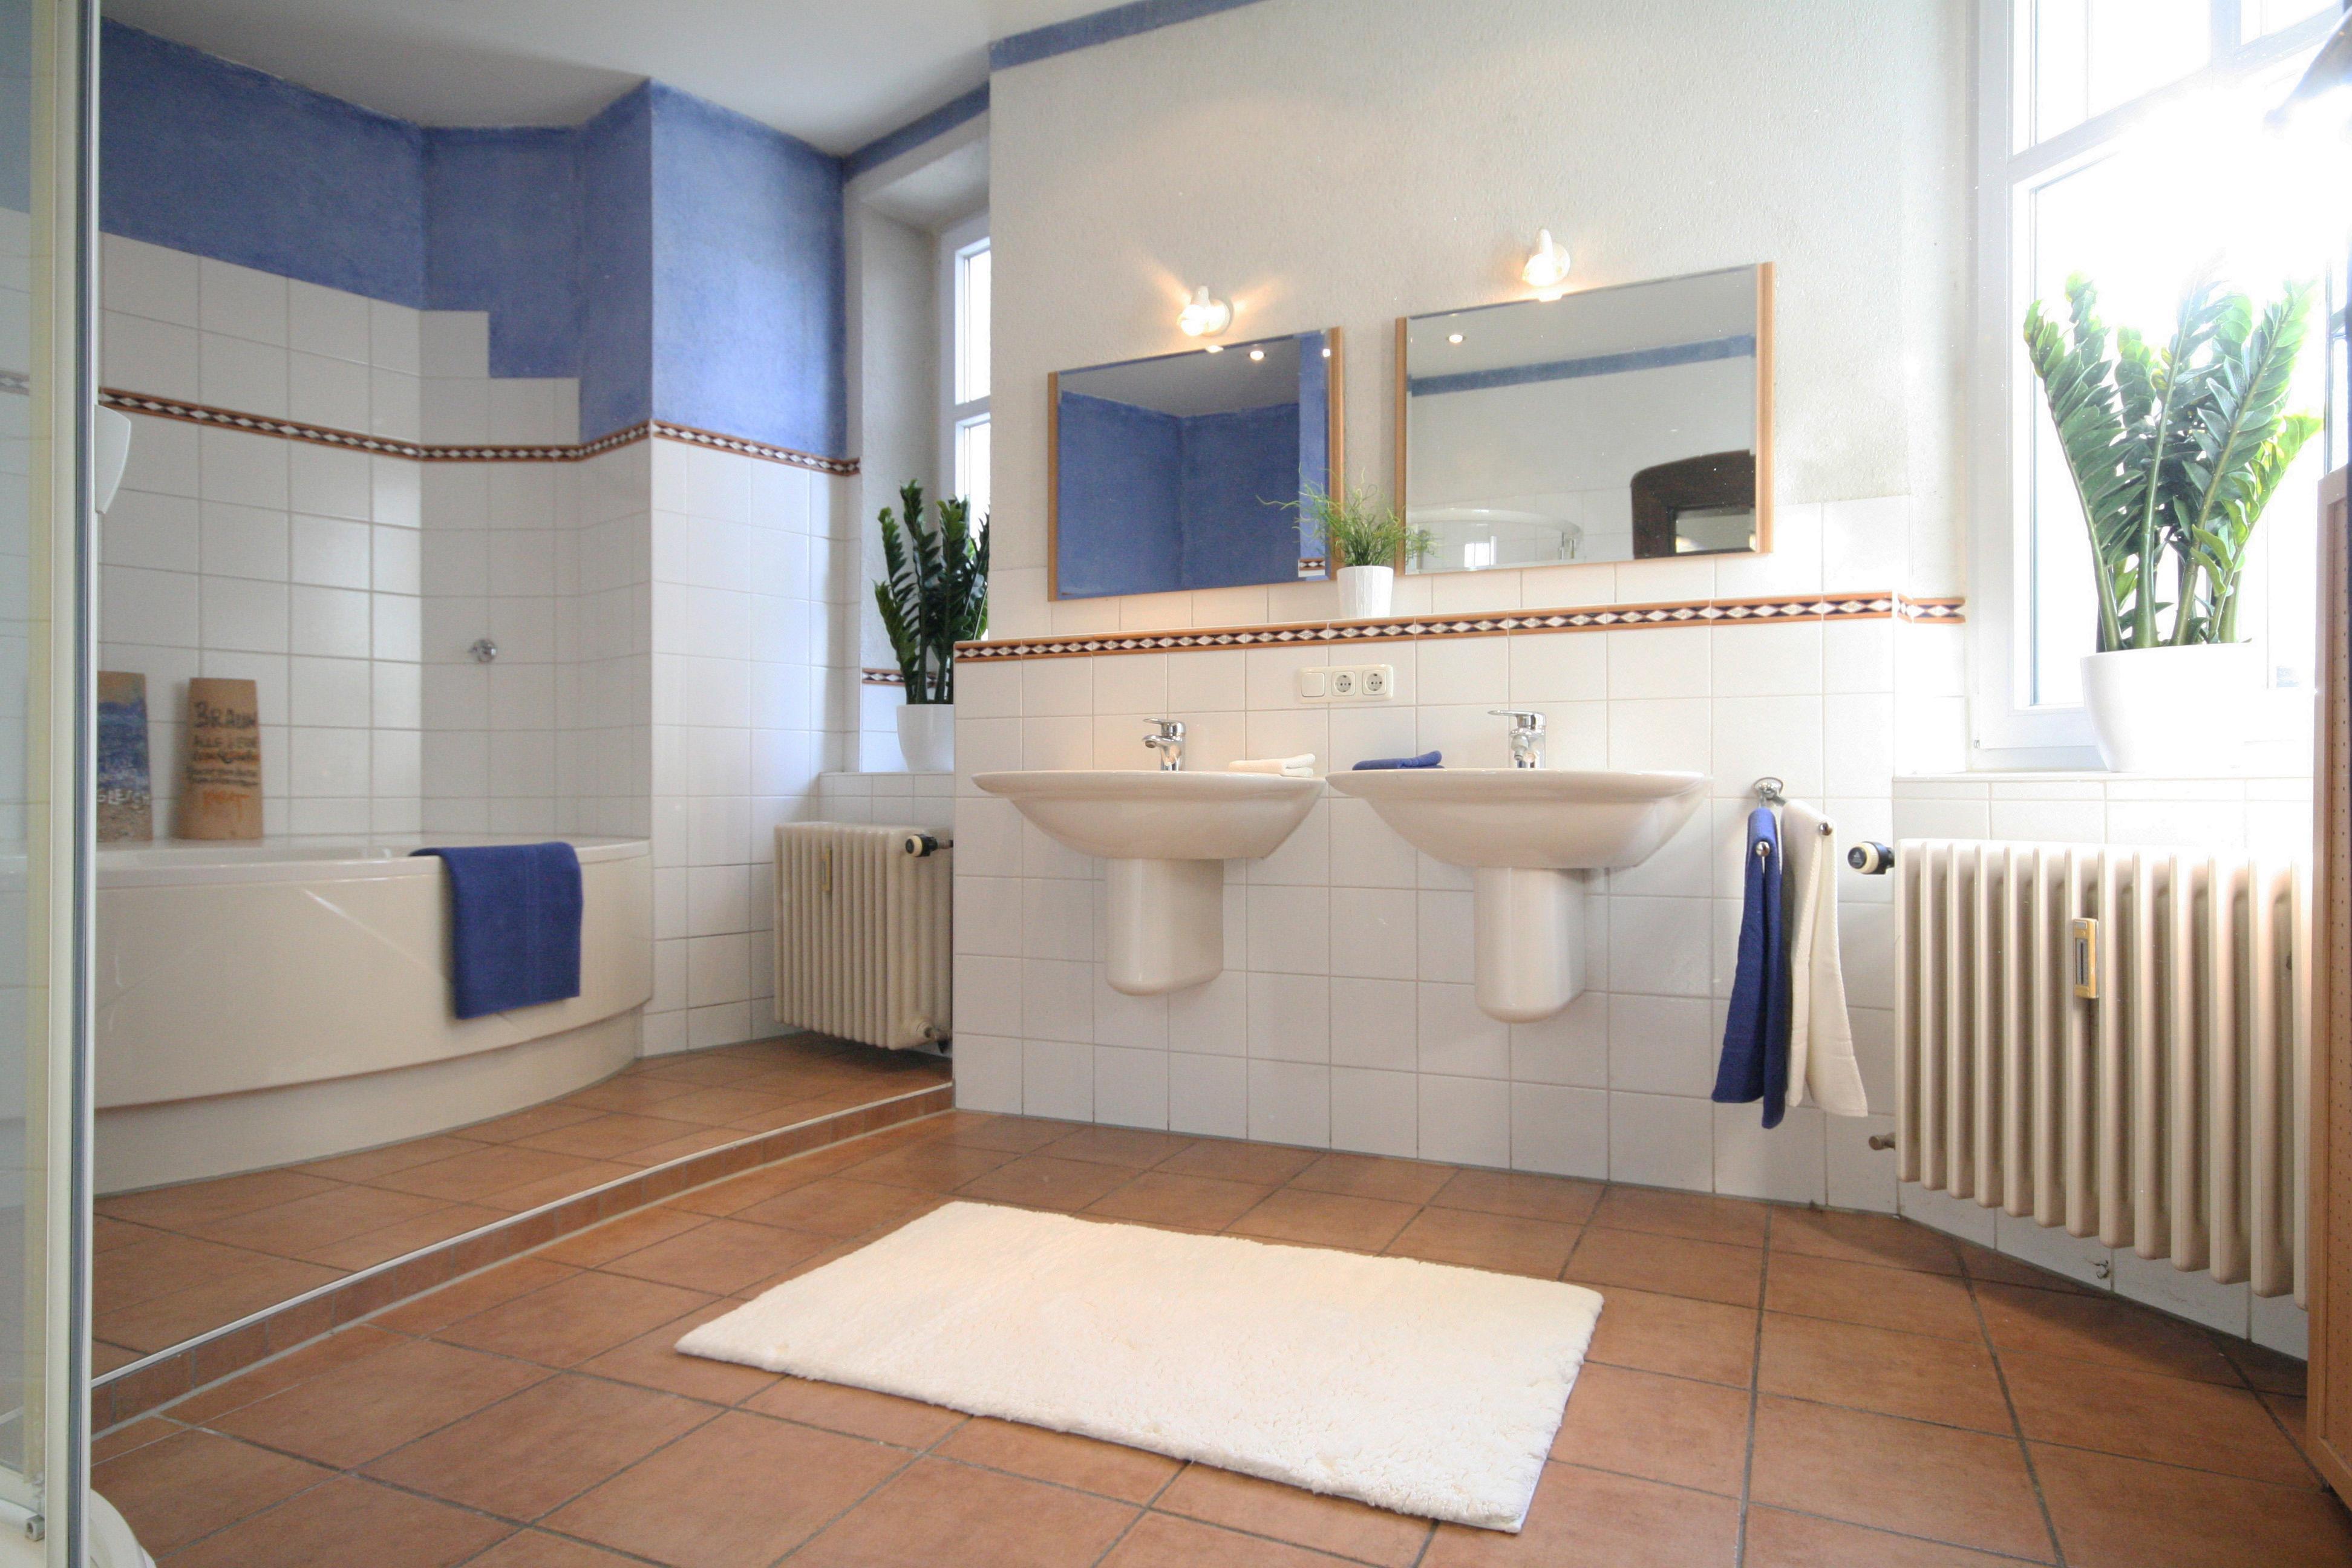 Bad Deko Bilder Ideen COUCHstyle - Badezimmer mediterran